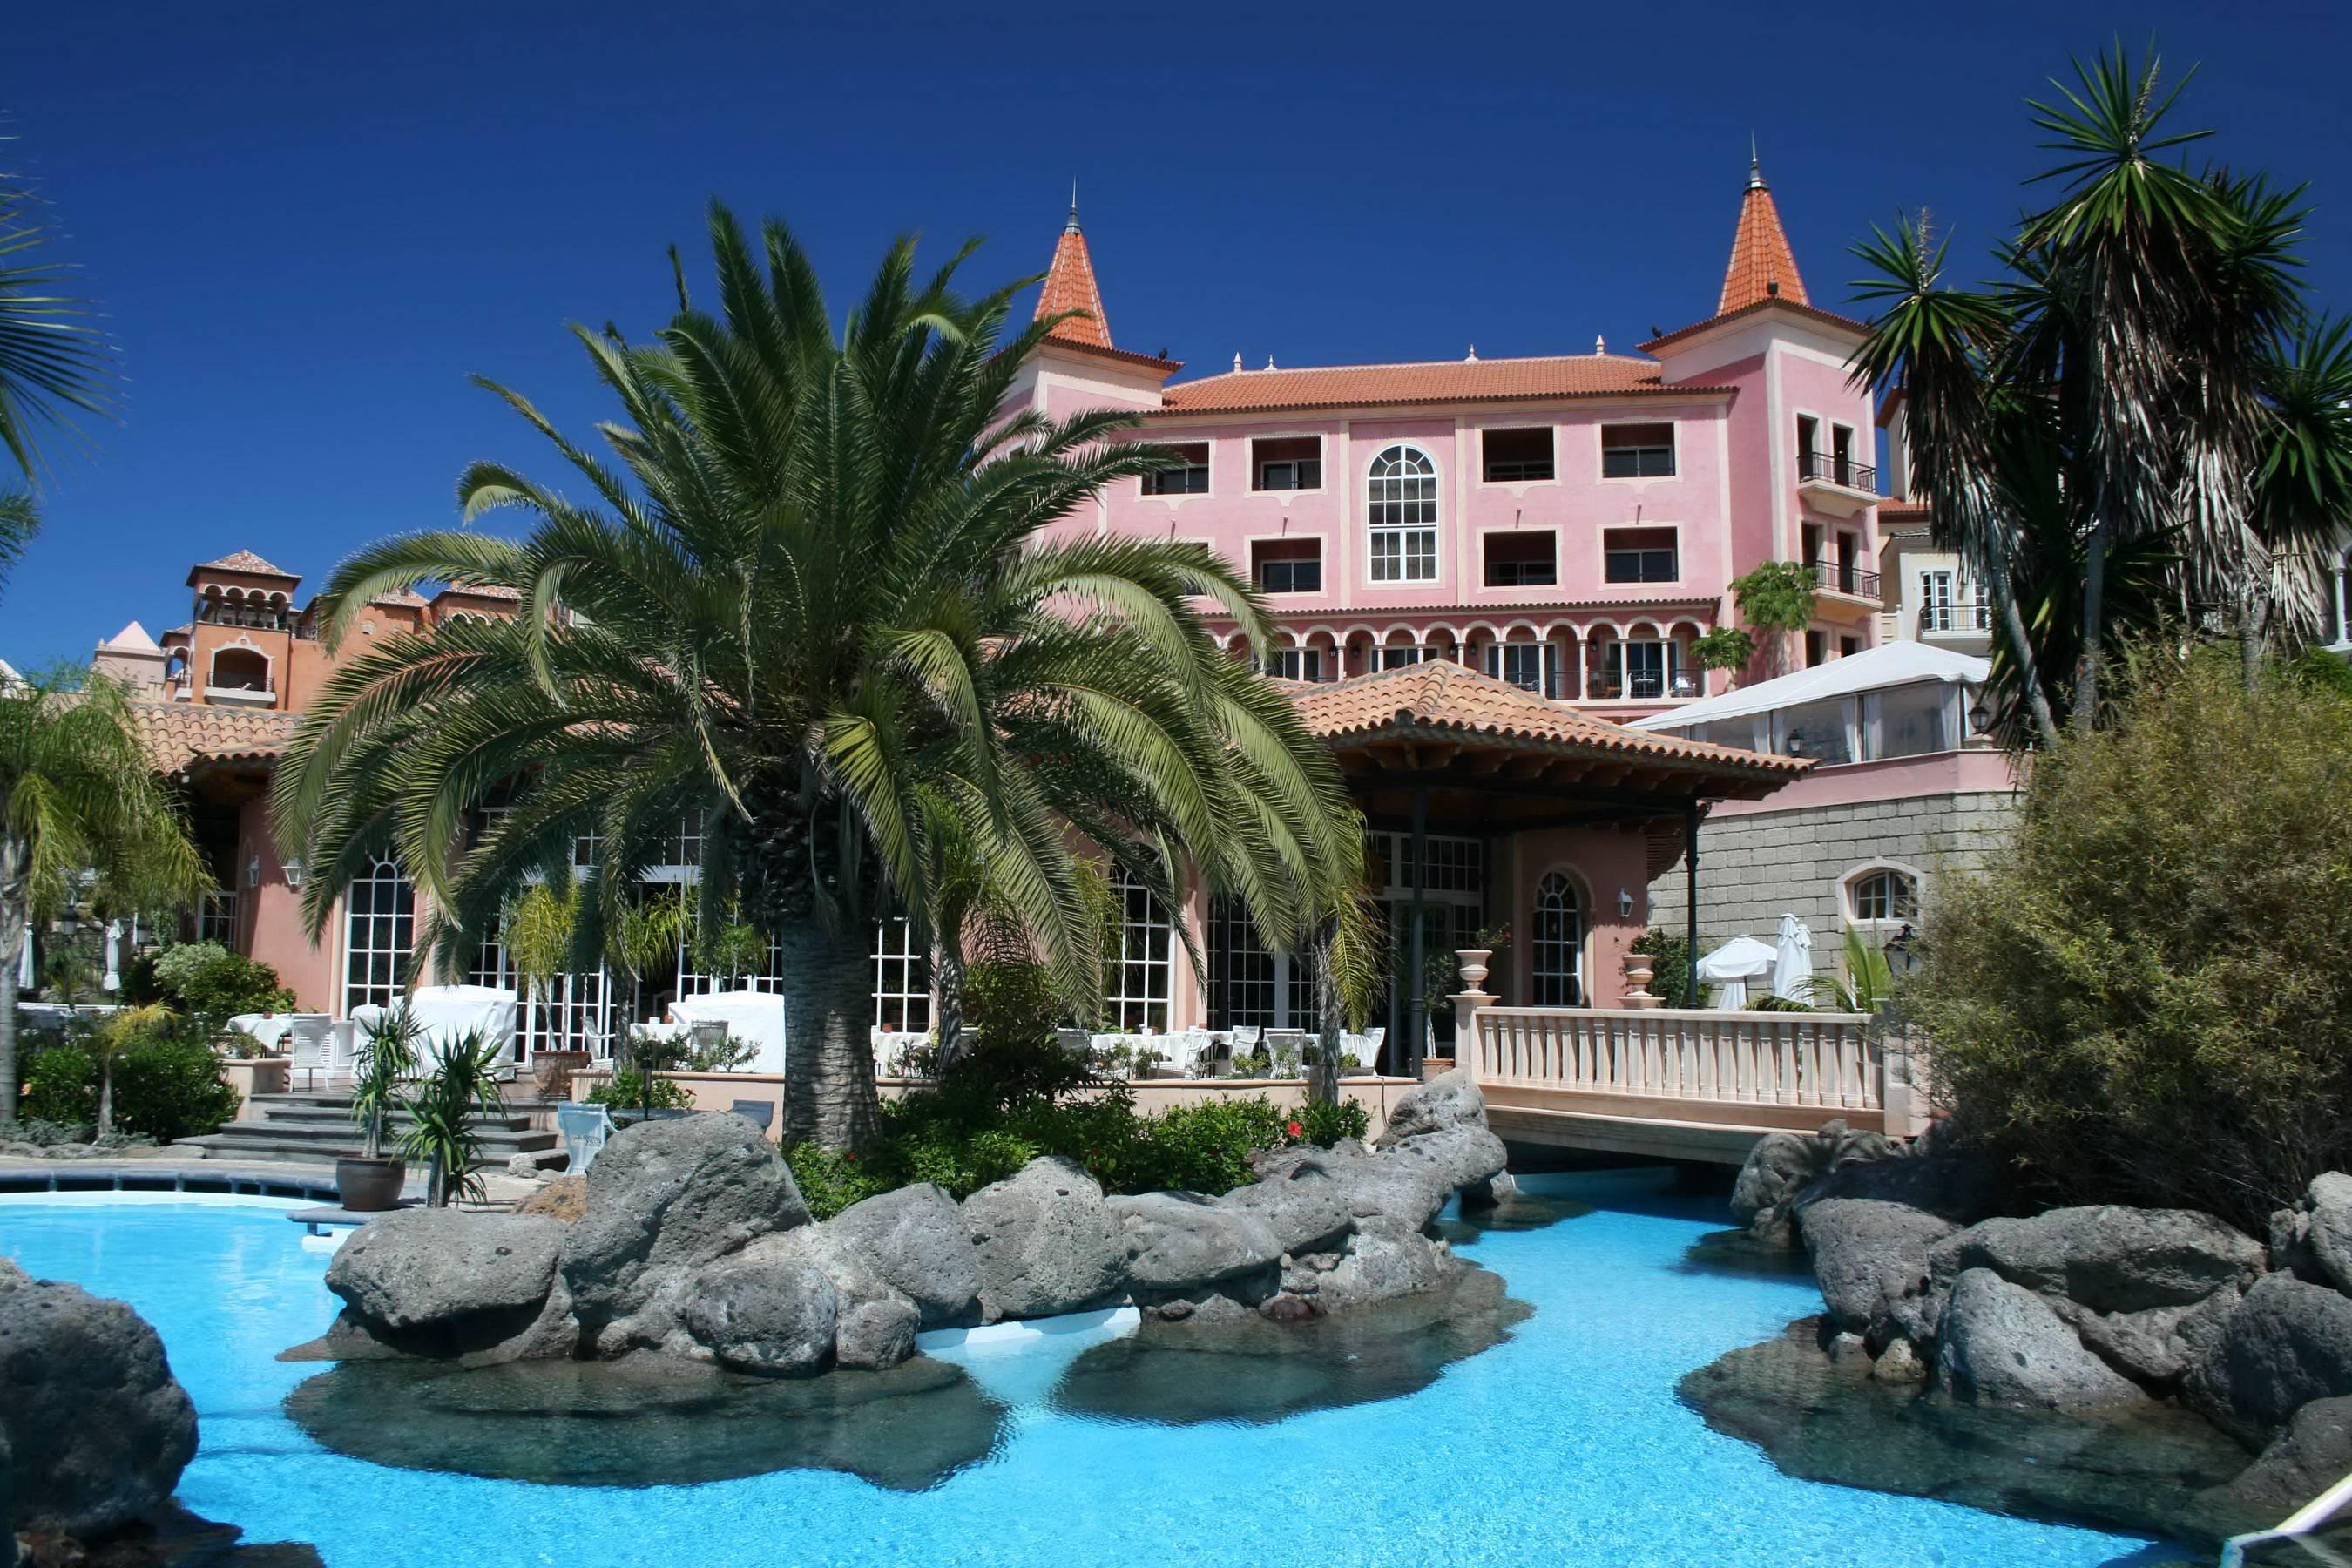 Курорты испании где лучше отдыхать